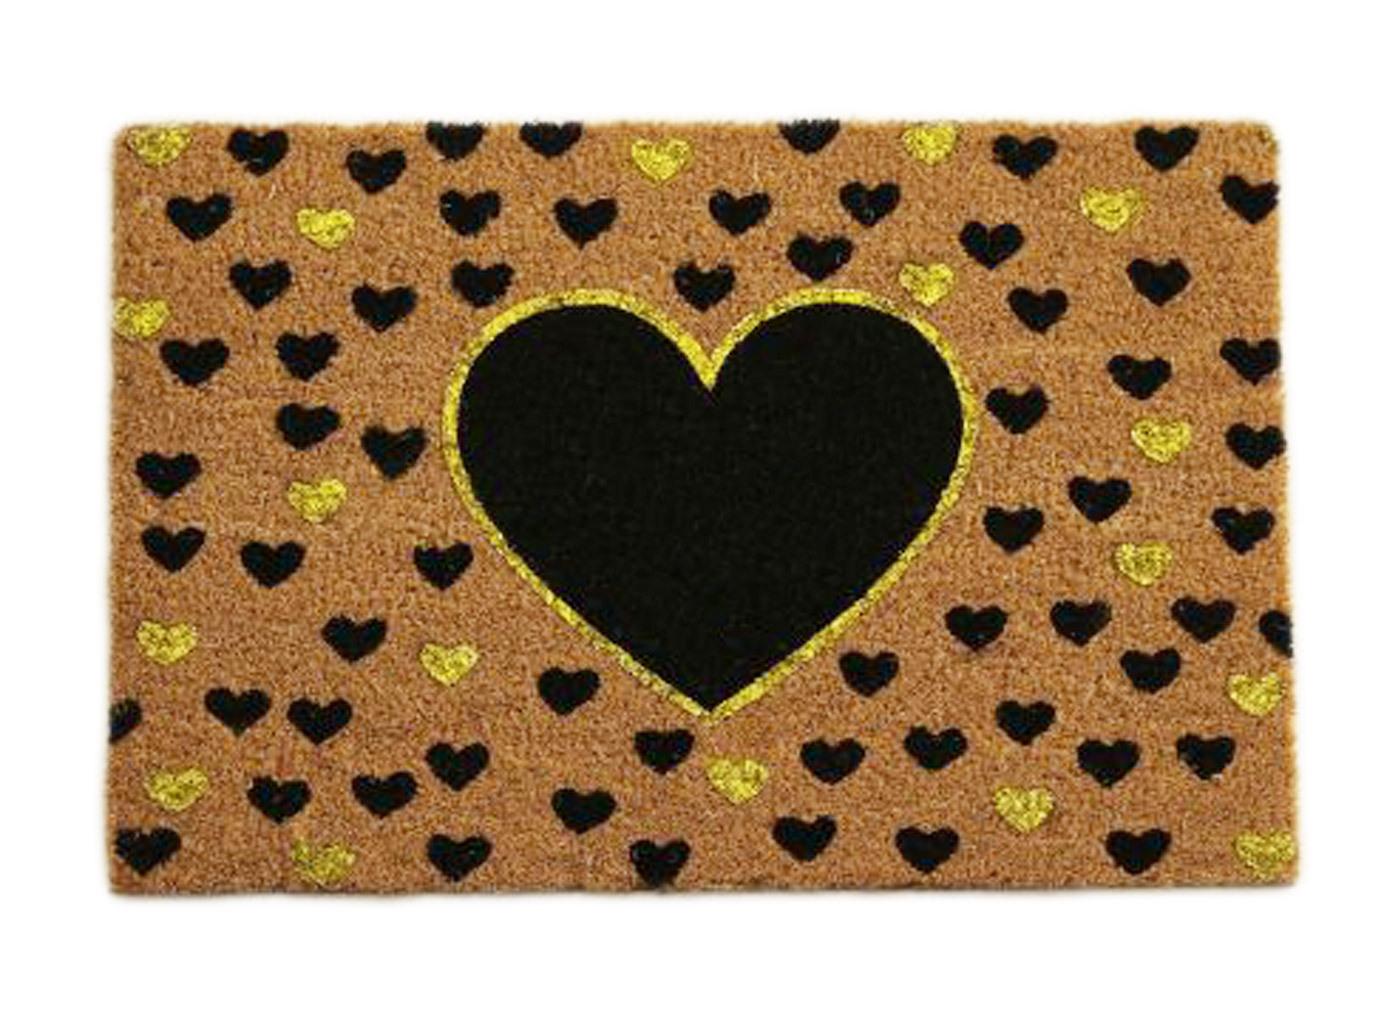 Fußmatte Türmatte Herzmotiv Kokosfasern braun/schwarz/goldfarben mit Glitter